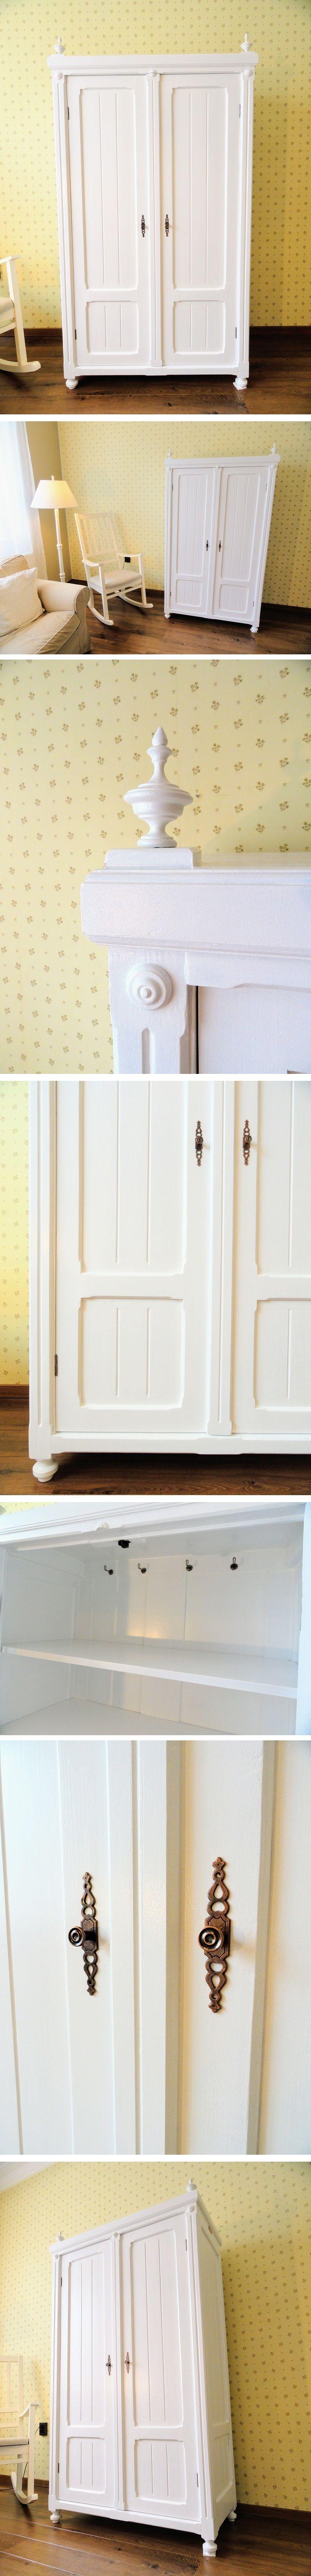 ST112 Vintázs ónémet ruhásszekrény - Vintage german renaissance wardrobe